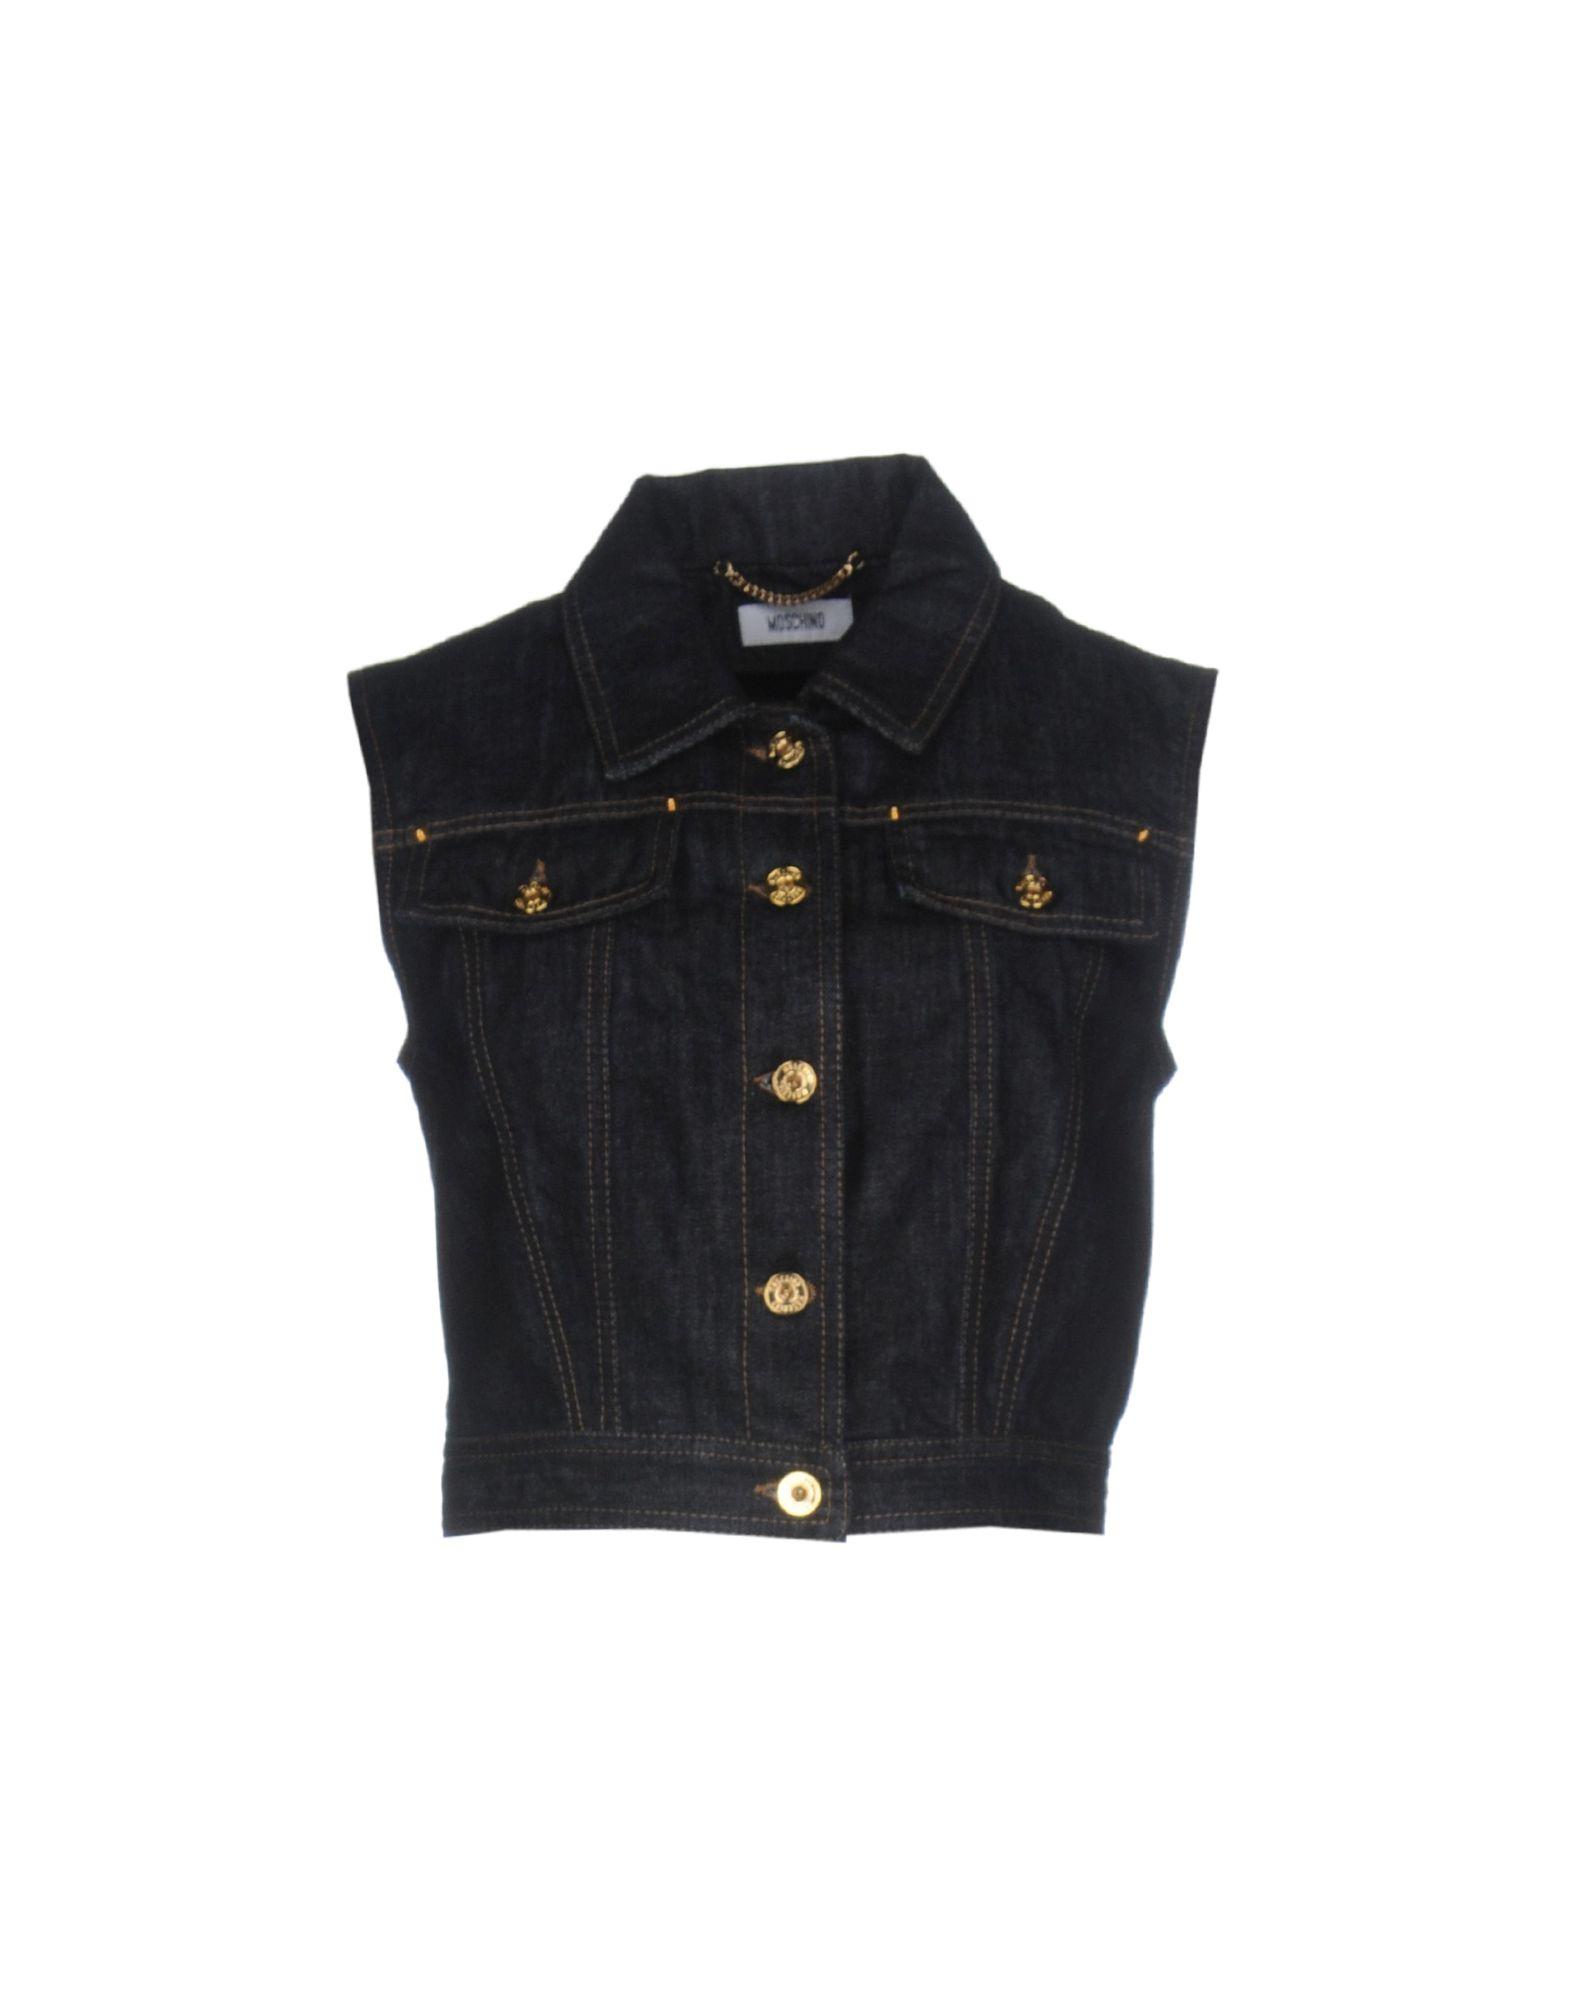 moschino джинсовая верхняя одежда MOSCHINO Джинсовая верхняя одежда